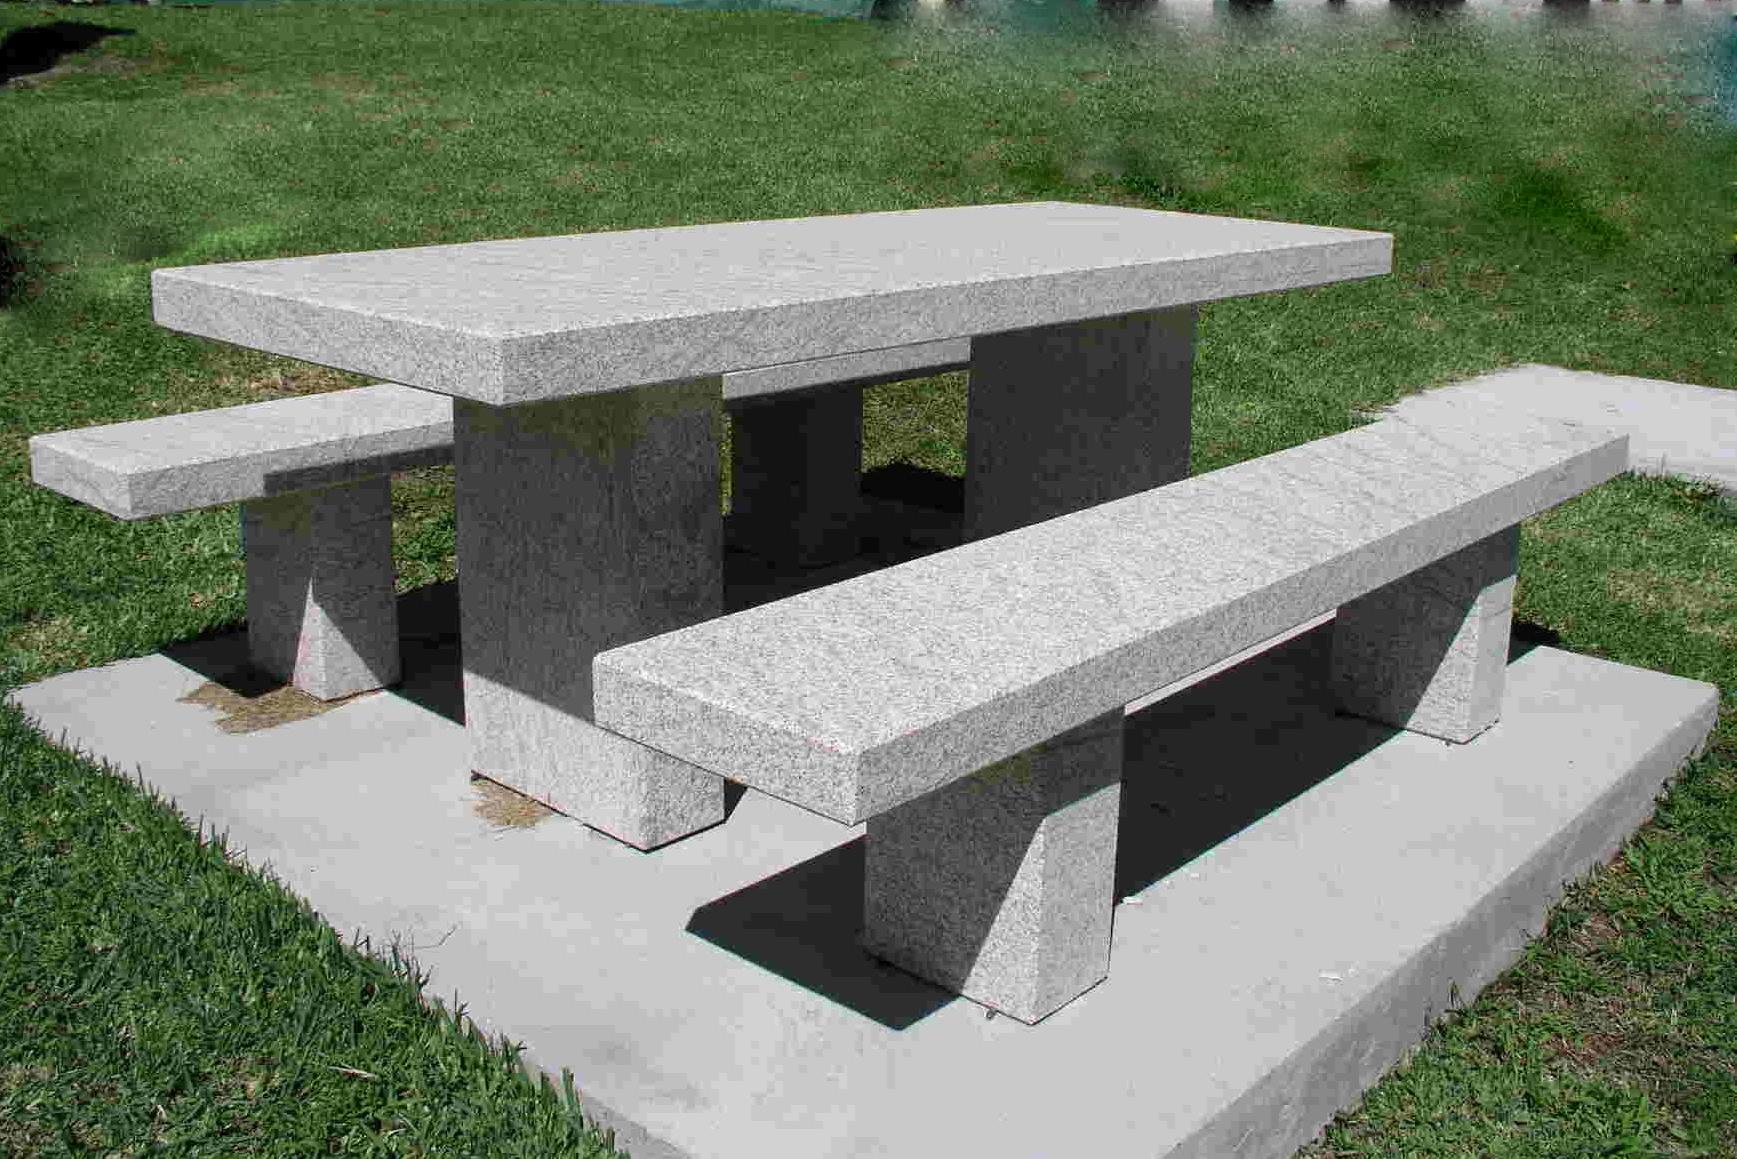 Mesas de piedra para jardin cheap ideas del uso de - Bancos de piedra para jardin ...